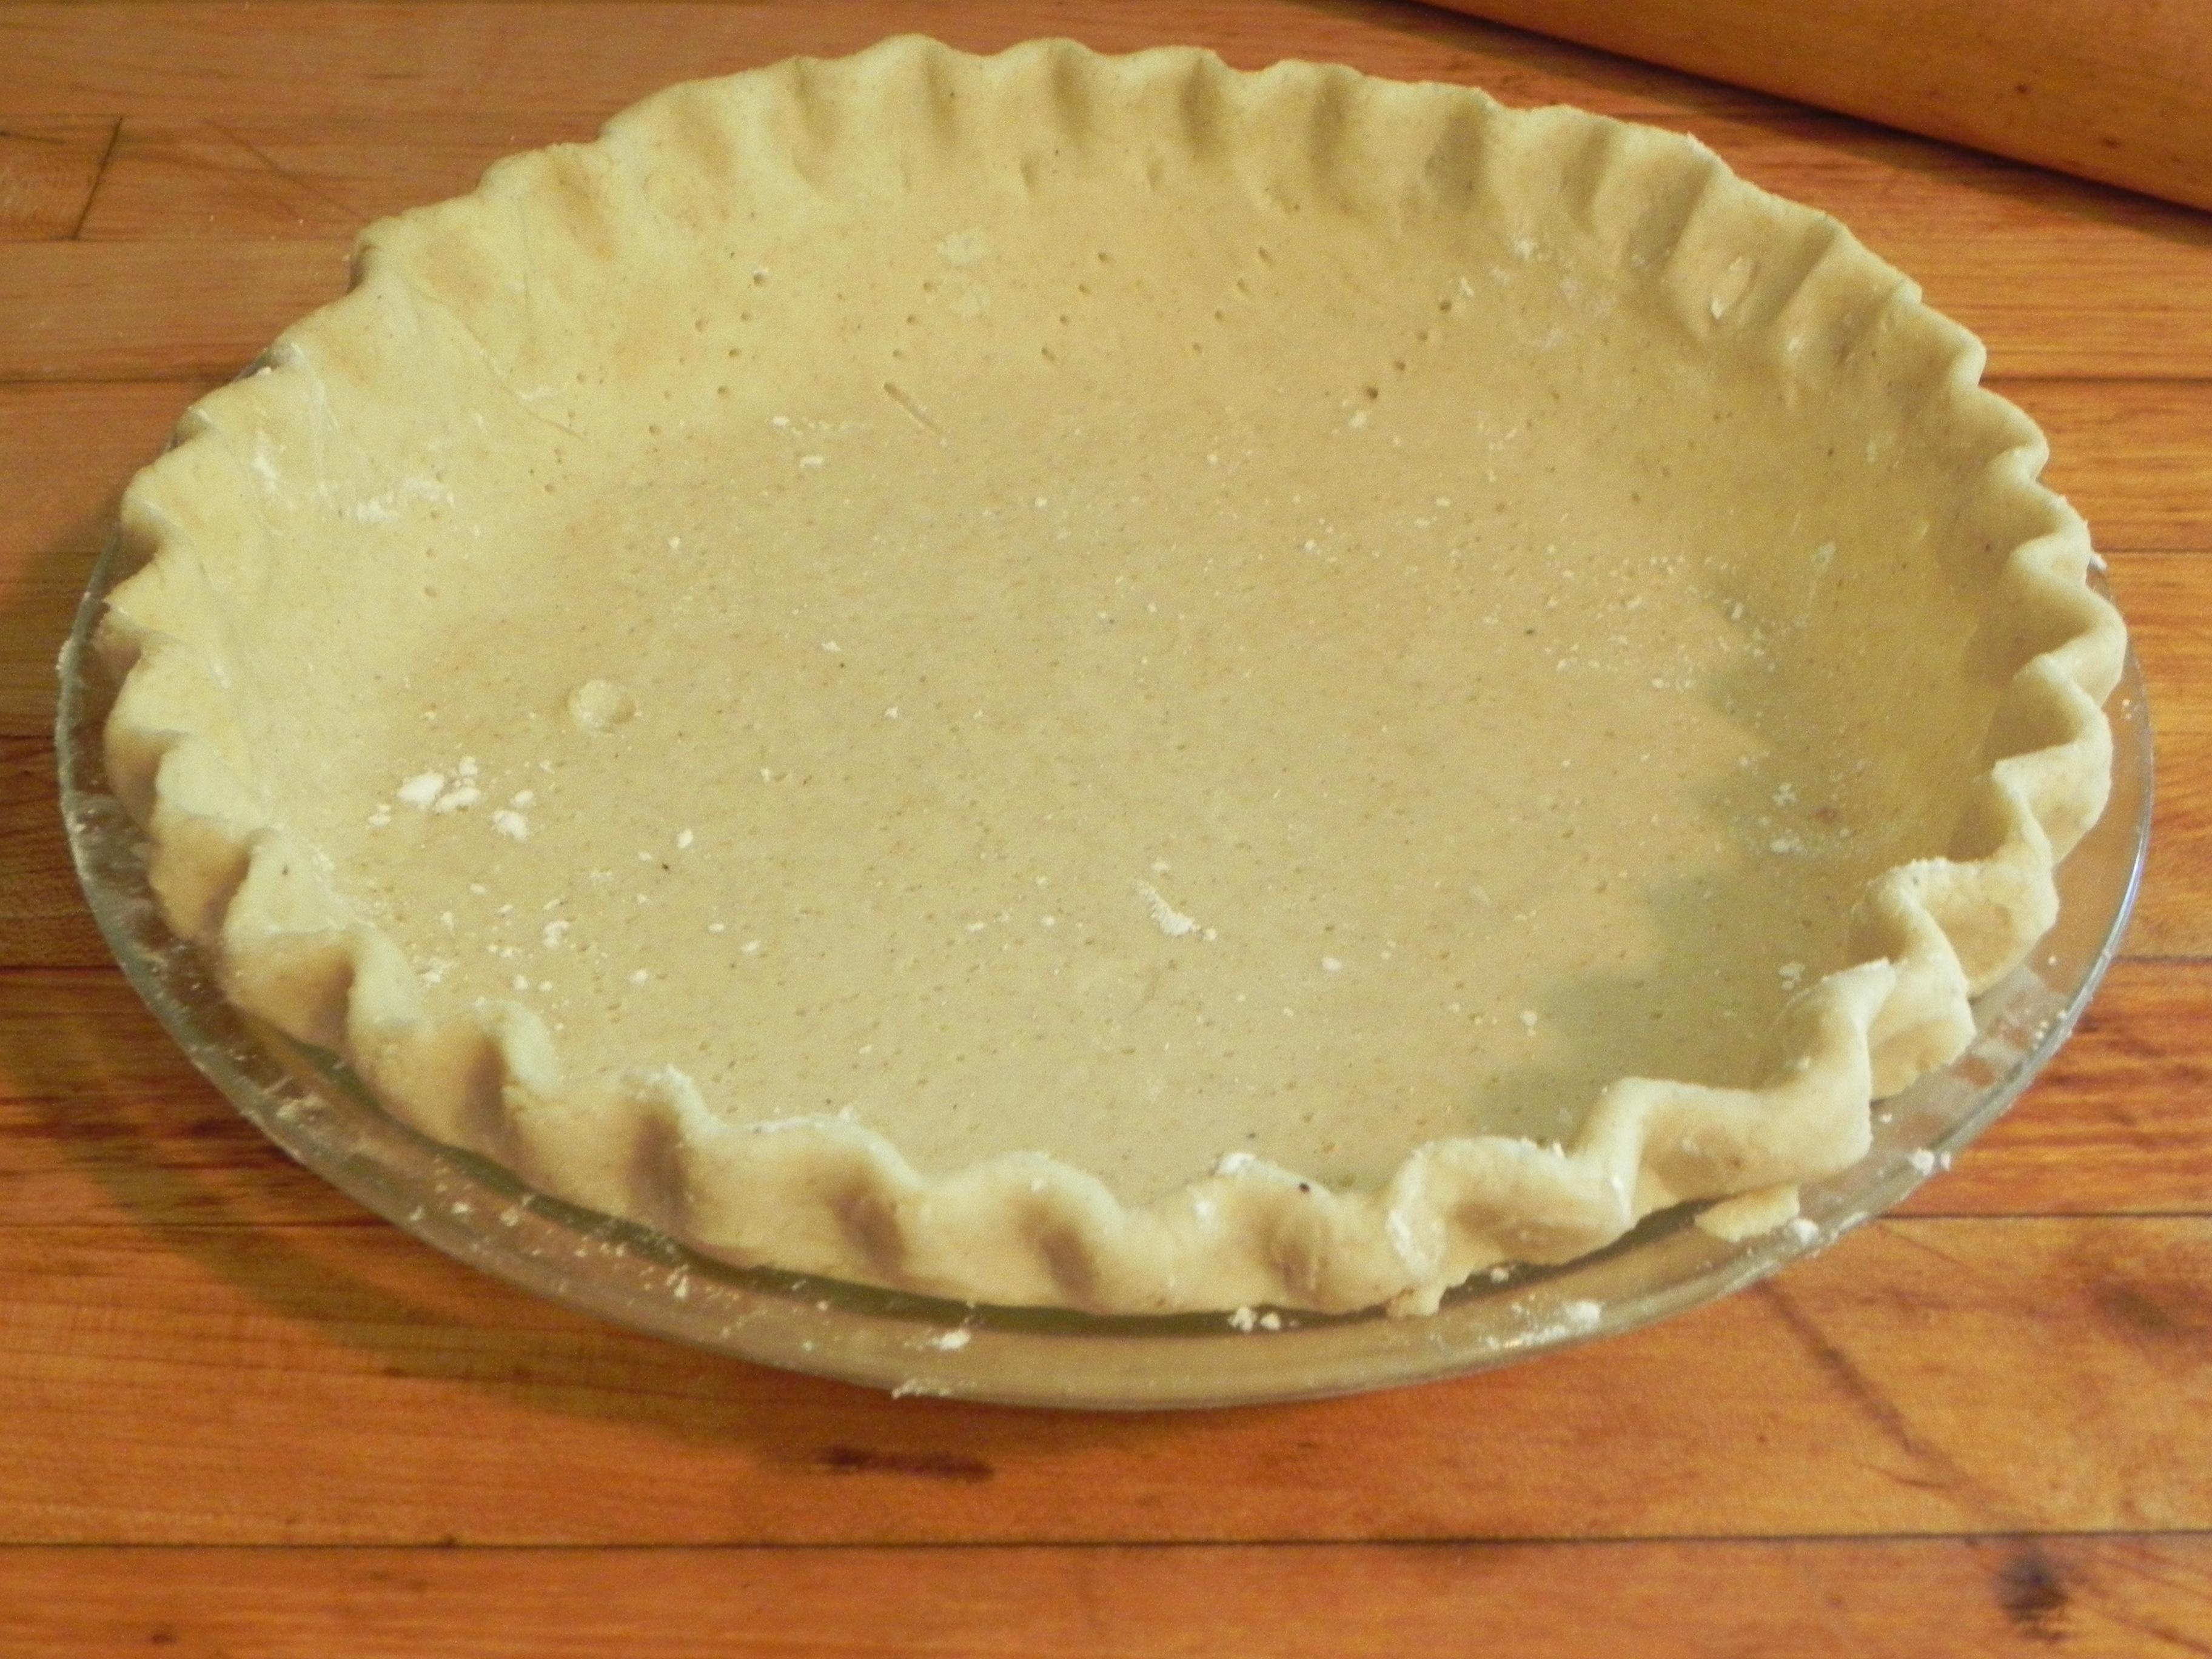 dscn3471 Gluten Free Flakey Pastry Crust Recipe